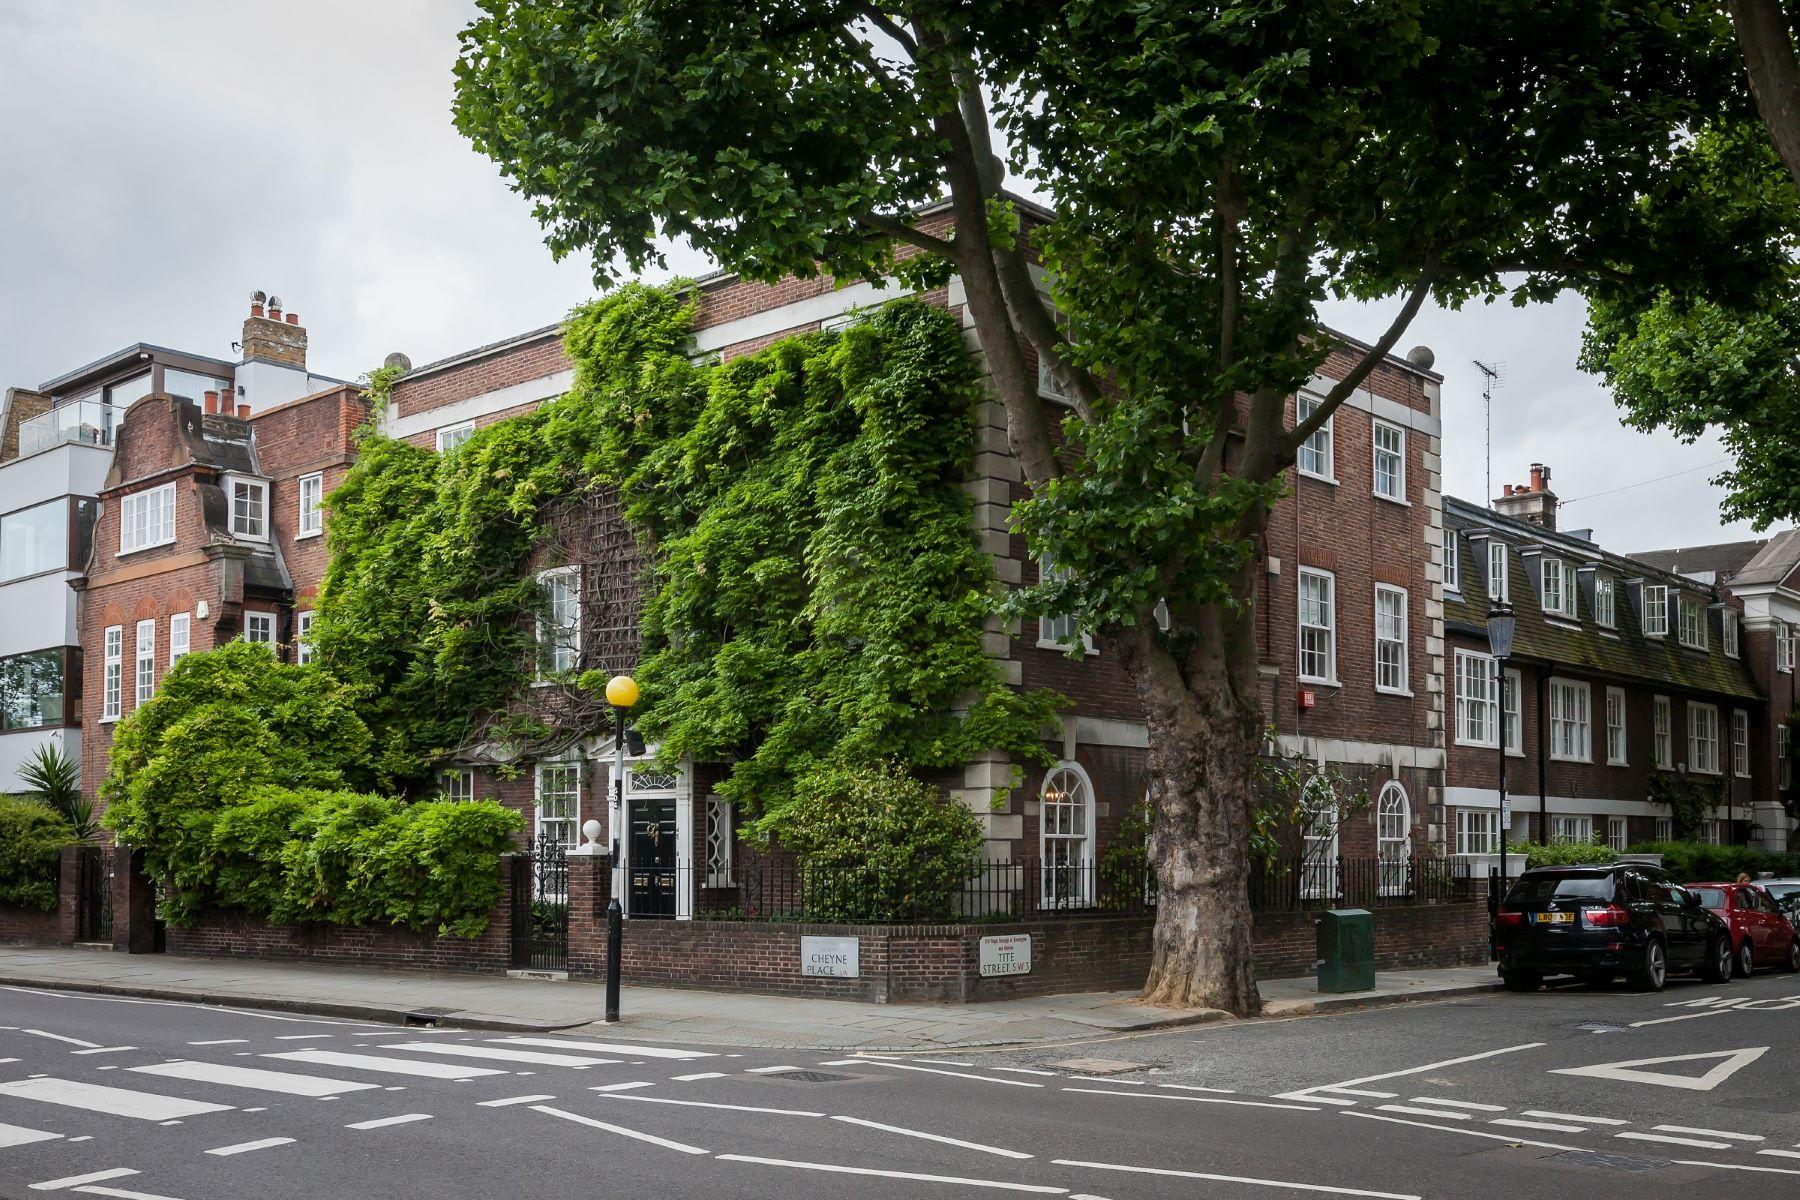 Casa Unifamiliar por un Alquiler en Cheyne Place, Chelsea, SW3 London, Inglaterra, Reino Unido